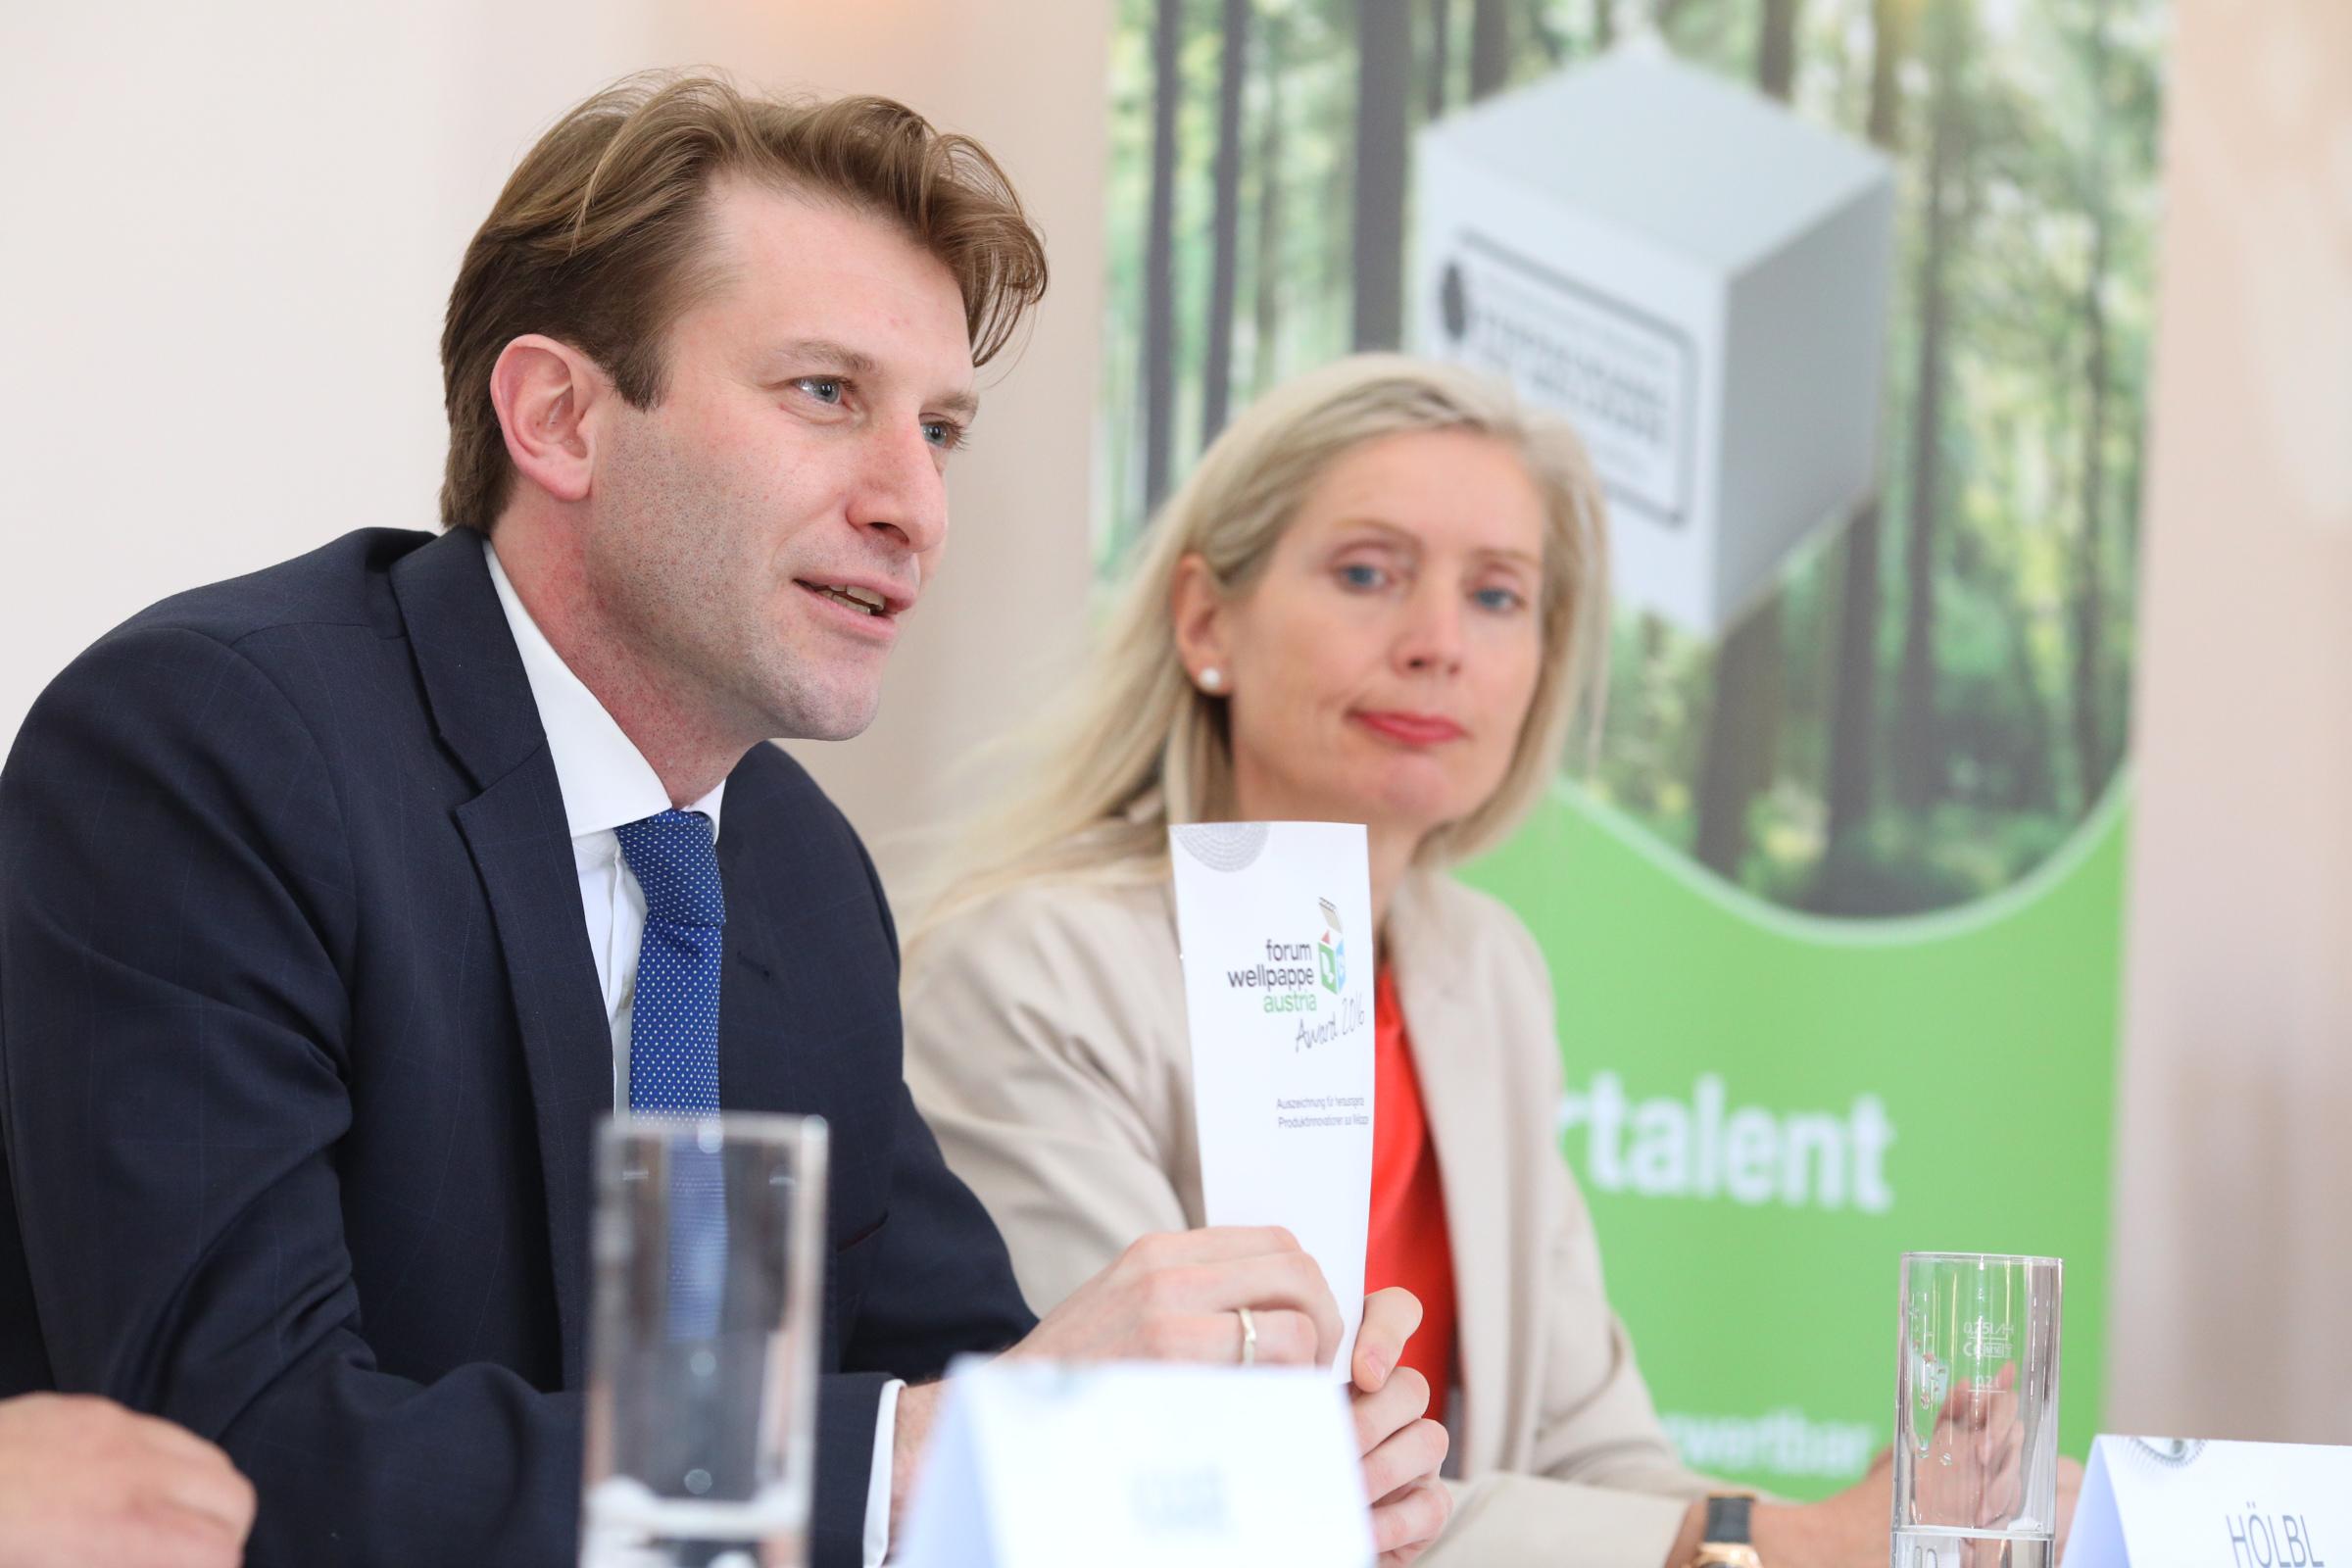 Max Hoelbl, T. Dietrich-Huebner, FWA Pressekonferenz © L. Schedl